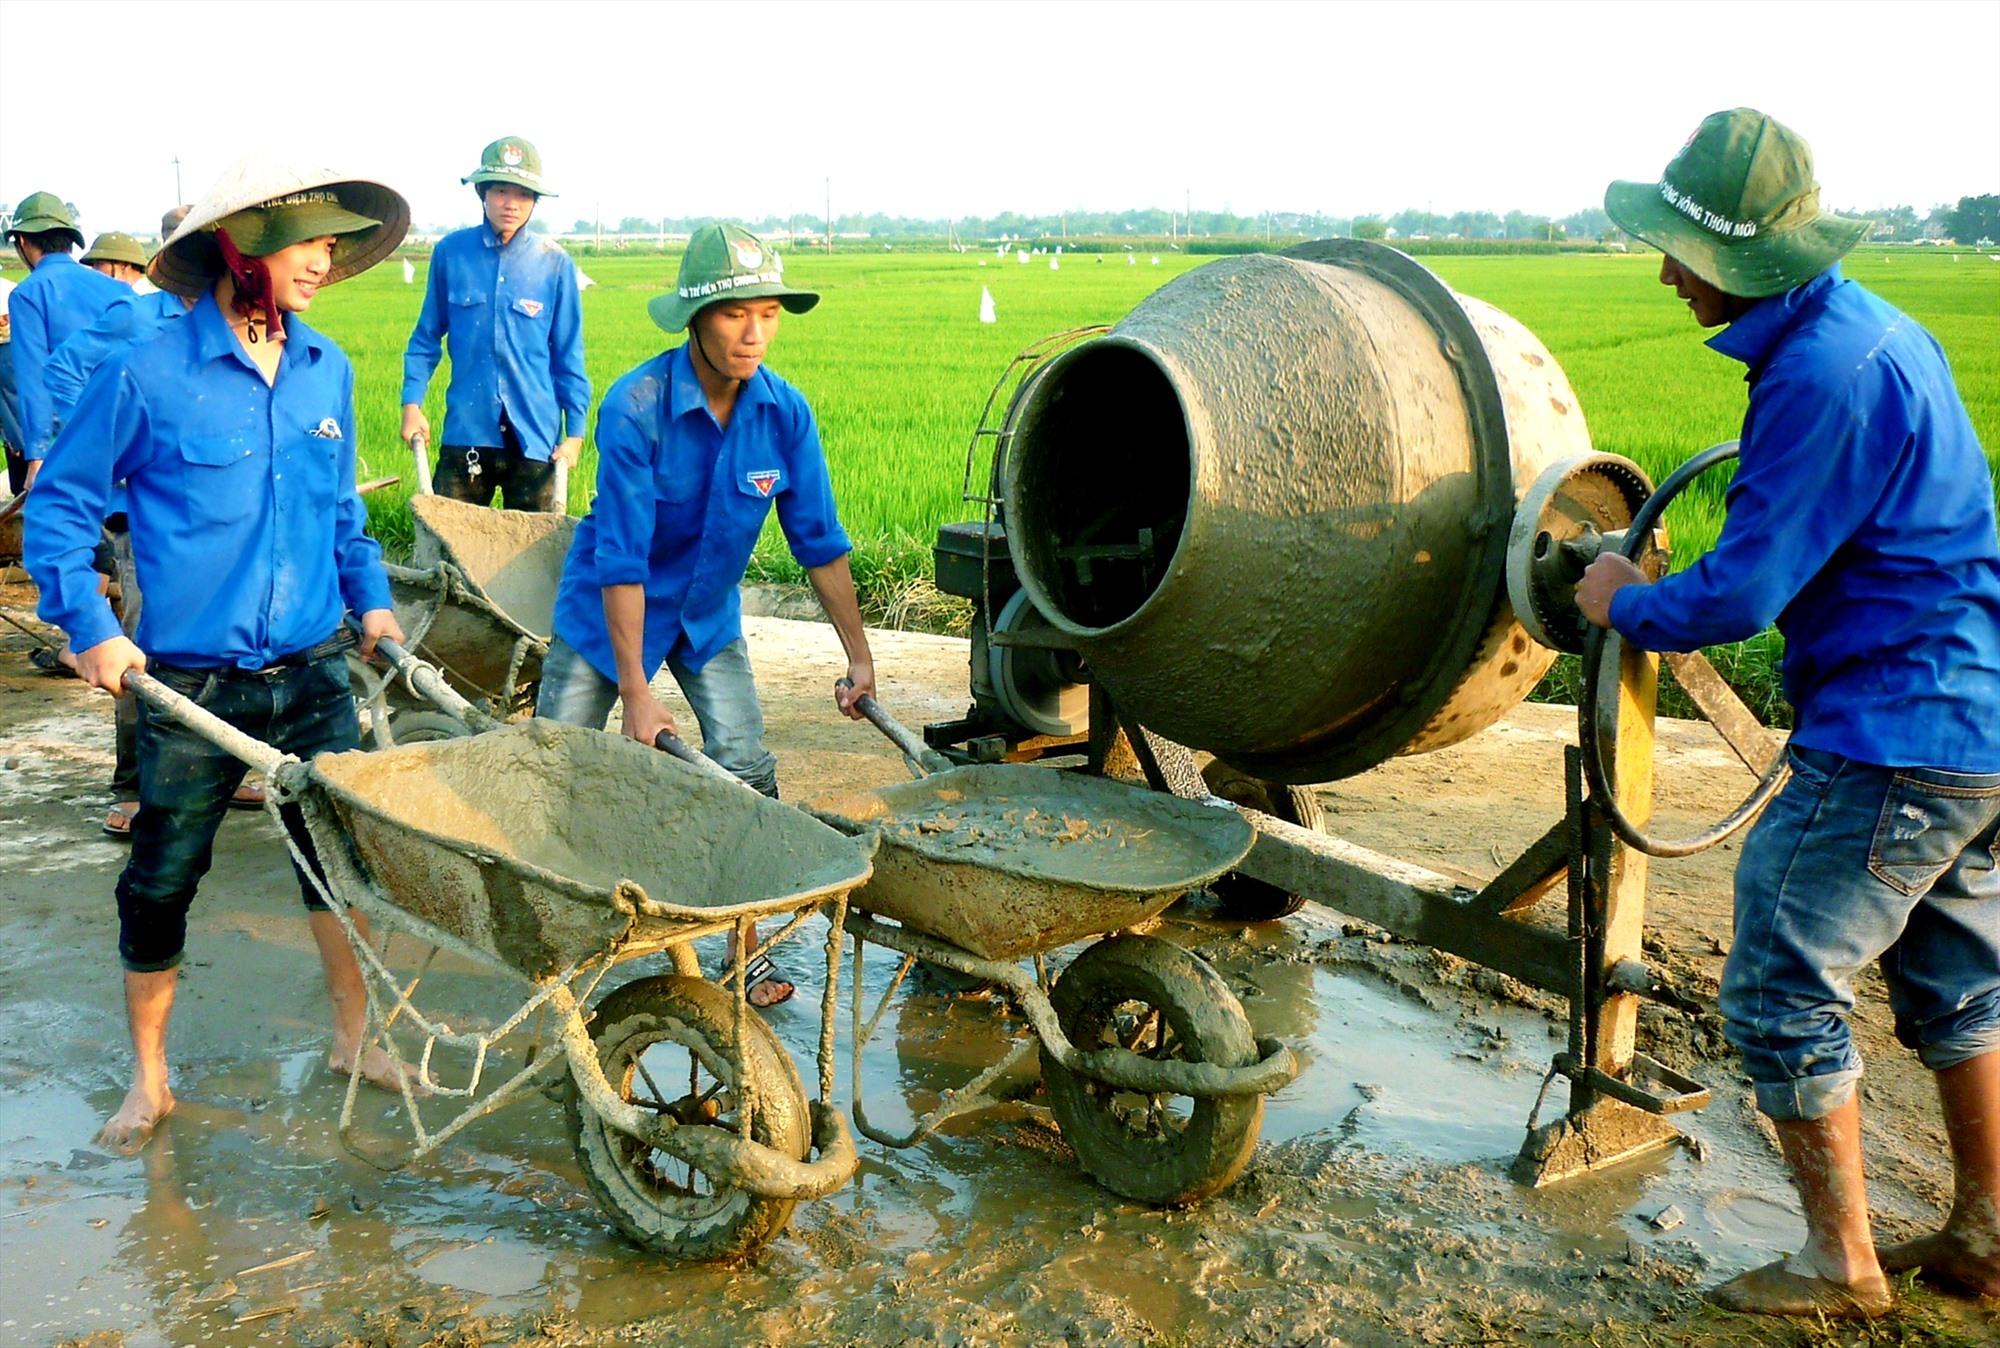 Những năm qua, đoàn viên thanh niên tích cực tham gia xây dựng hạ tầng nông thôn. Ảnh: VĂN SỰ